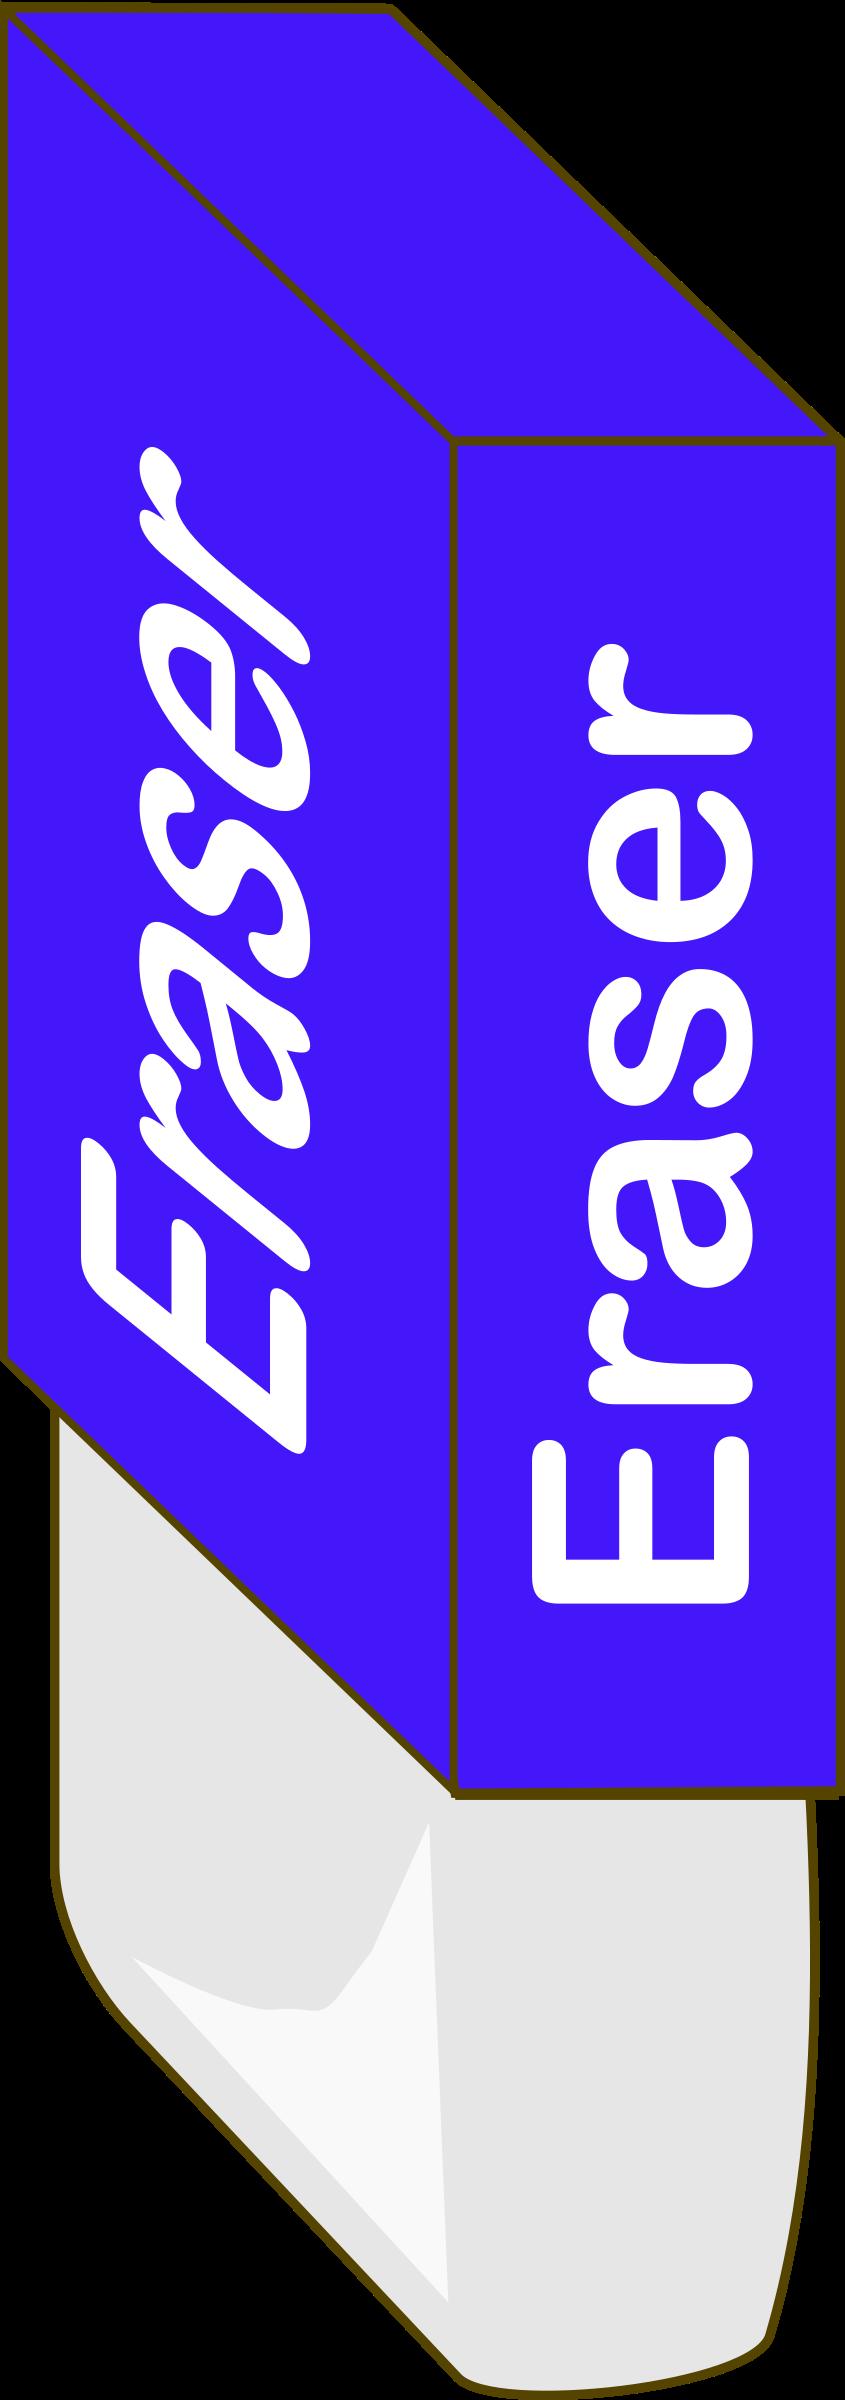 Big image png. Eraser clipart blue